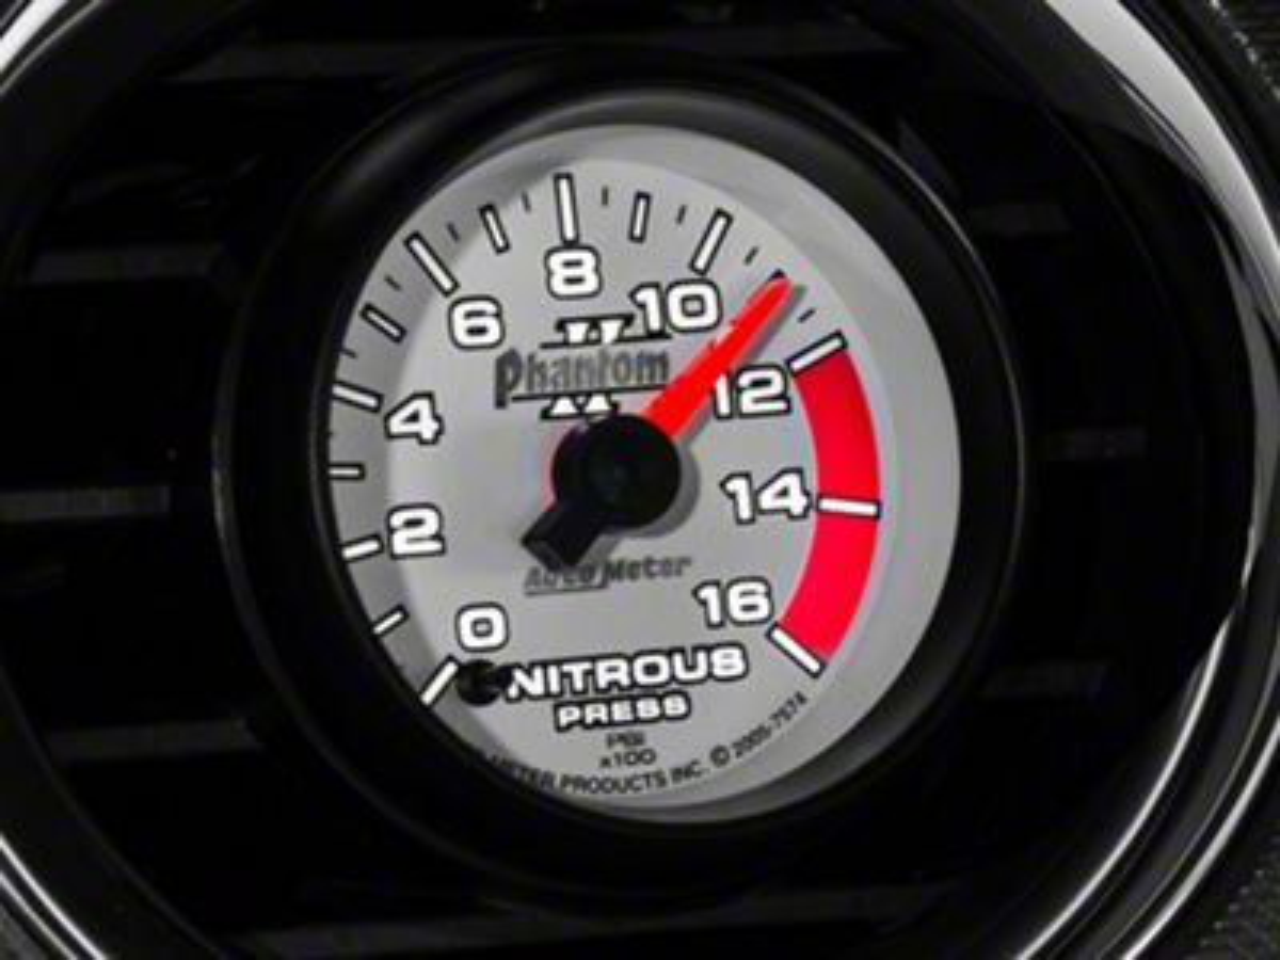 Auto Meter Phantom II Nitrous Pressure Gauge - Electrical (79-19 All)